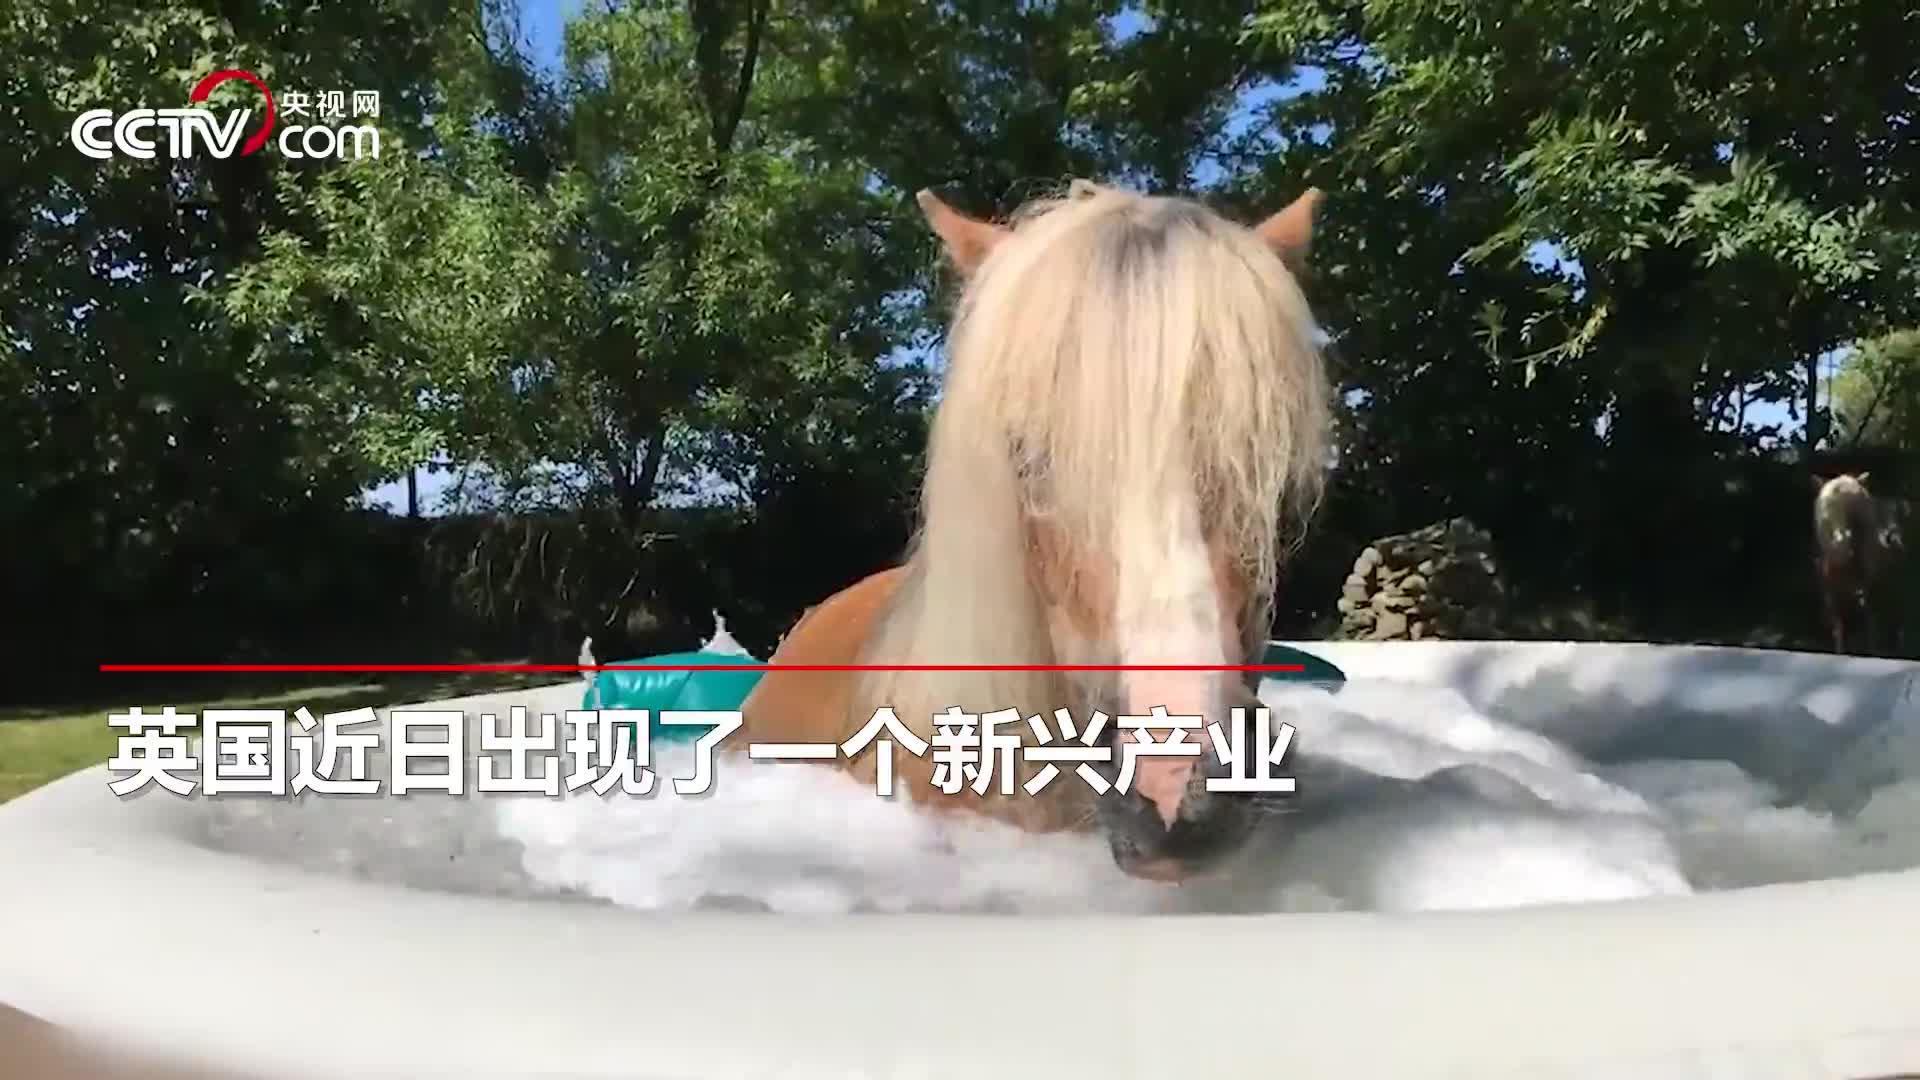 """[视频]马儿也能敷面膜?英国一女子开设""""马儿spa会所"""""""